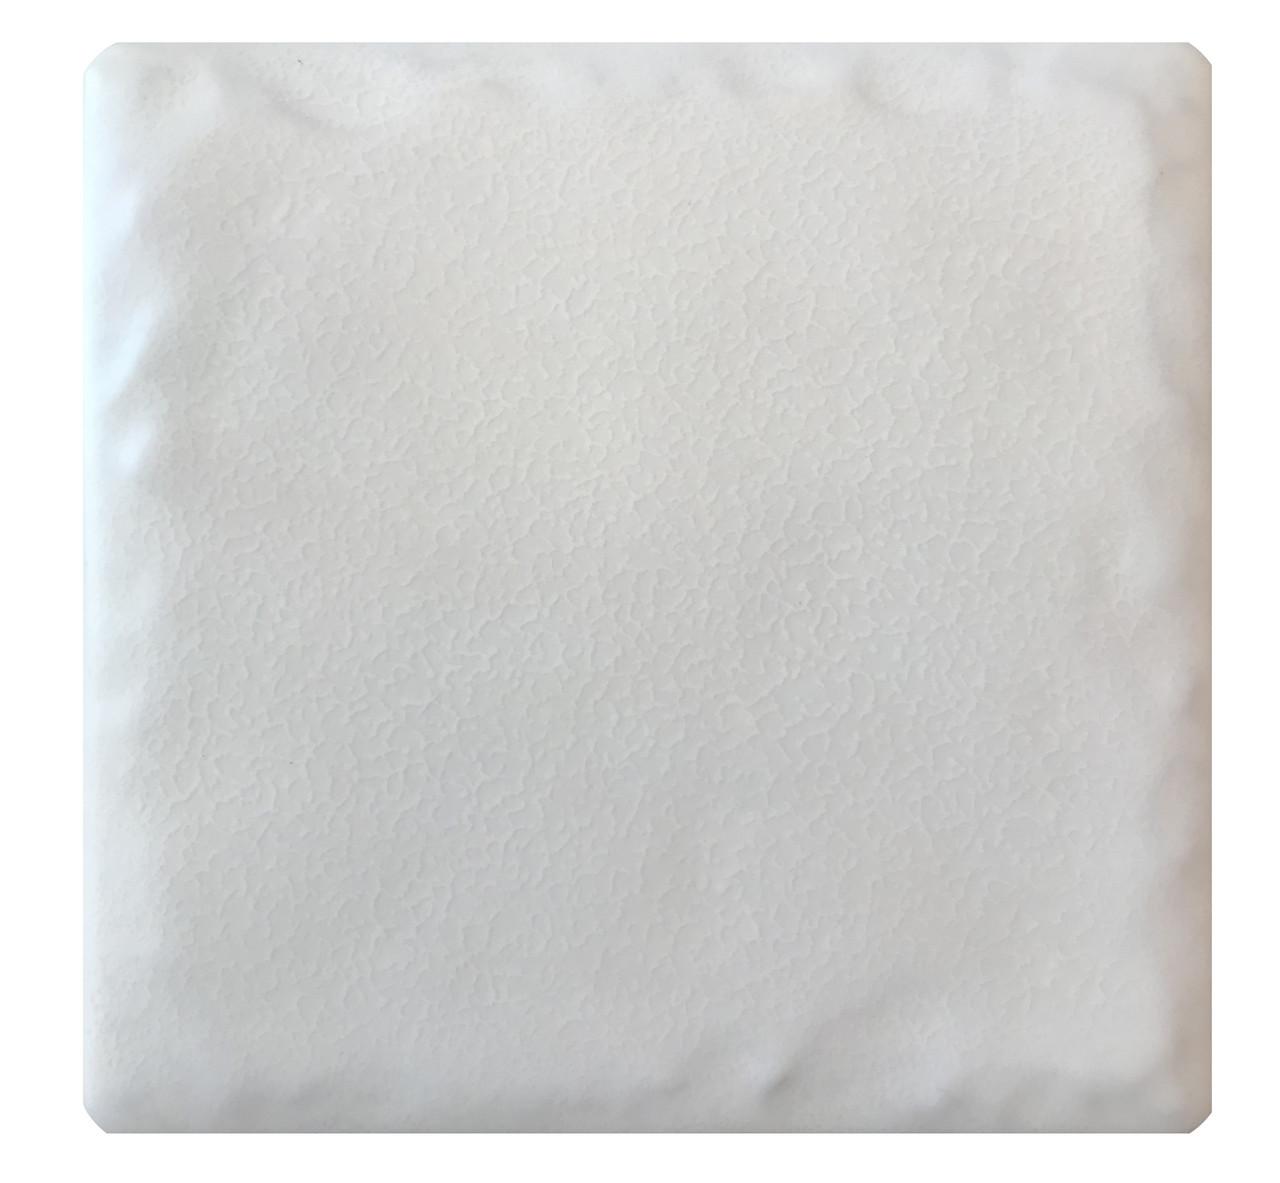 Плитка керамическая рельефная квадратная для сублимации (12 х 12 см)